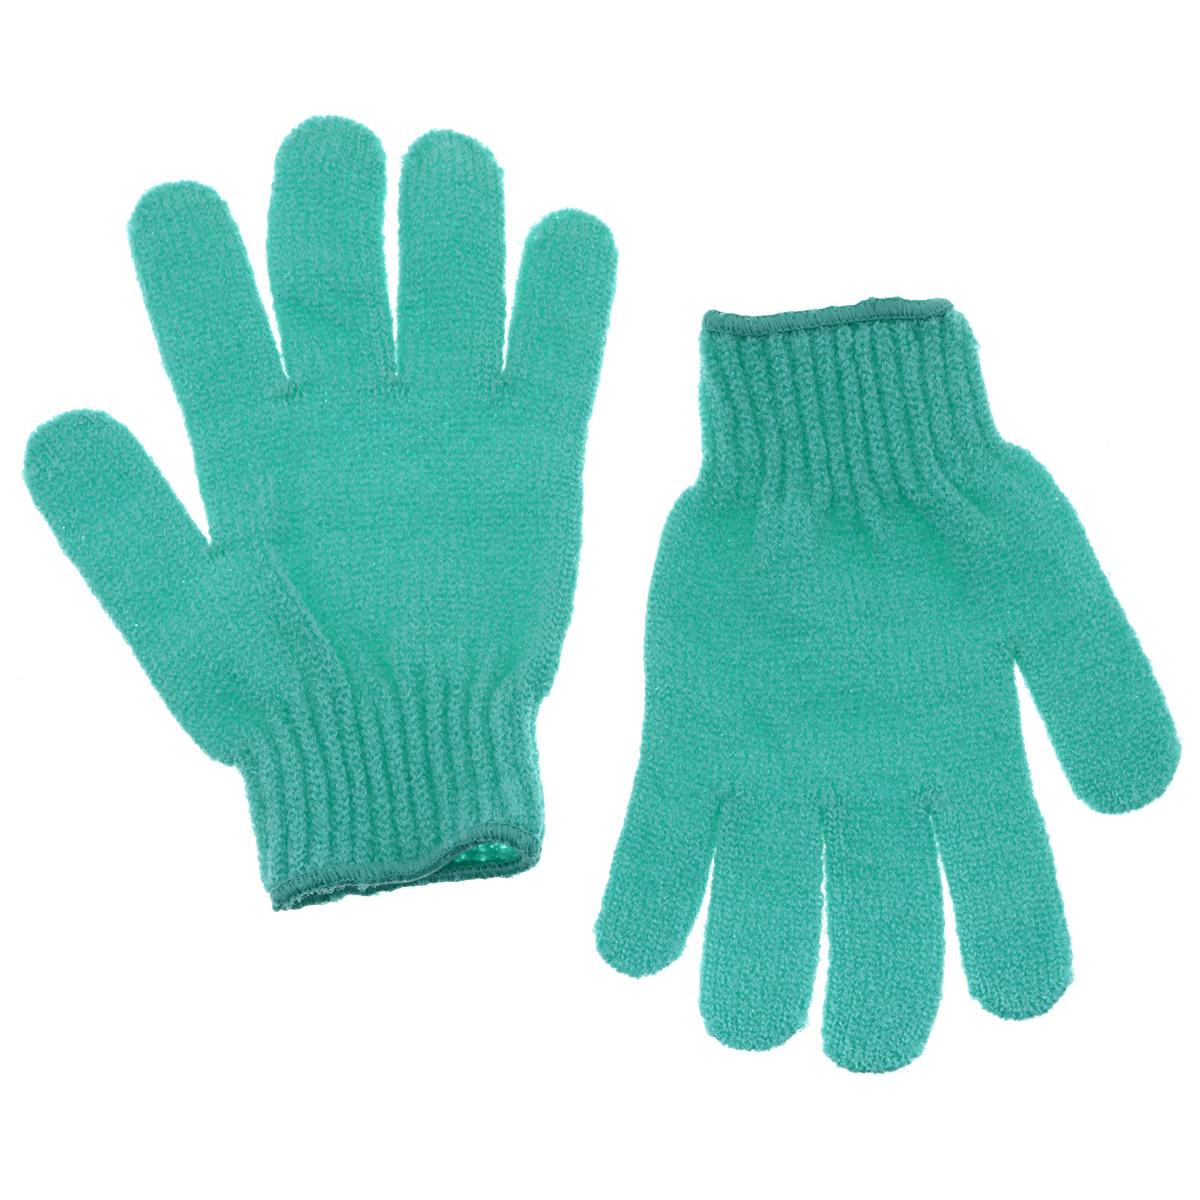 Riffi Перчатки для пилинга, цвет: бирюзовый615_бирюзовыйЭластичные безразмерные перчатки Riffi обладают активным антицеллюлитным эффектом и отличным пилинговым действием, тонизируя, массируя и эффективно очищая вашу кожу. Riffi освобождает кожу от отмерших клеток, стимулирует регенерацию. Эффективно предупреждают образование целлюлита и обеспечивают омолаживающий эффект. Кожа становится гладкой, упругой и лучше готовой к принятию косметических средств. Интенсивный и пощипывающе свежий массаж тела с применением Riffi стимулирует кровообращение, активирует кровоснабжение, способствует обмену веществ. В комплекте 1 пара перчаток.